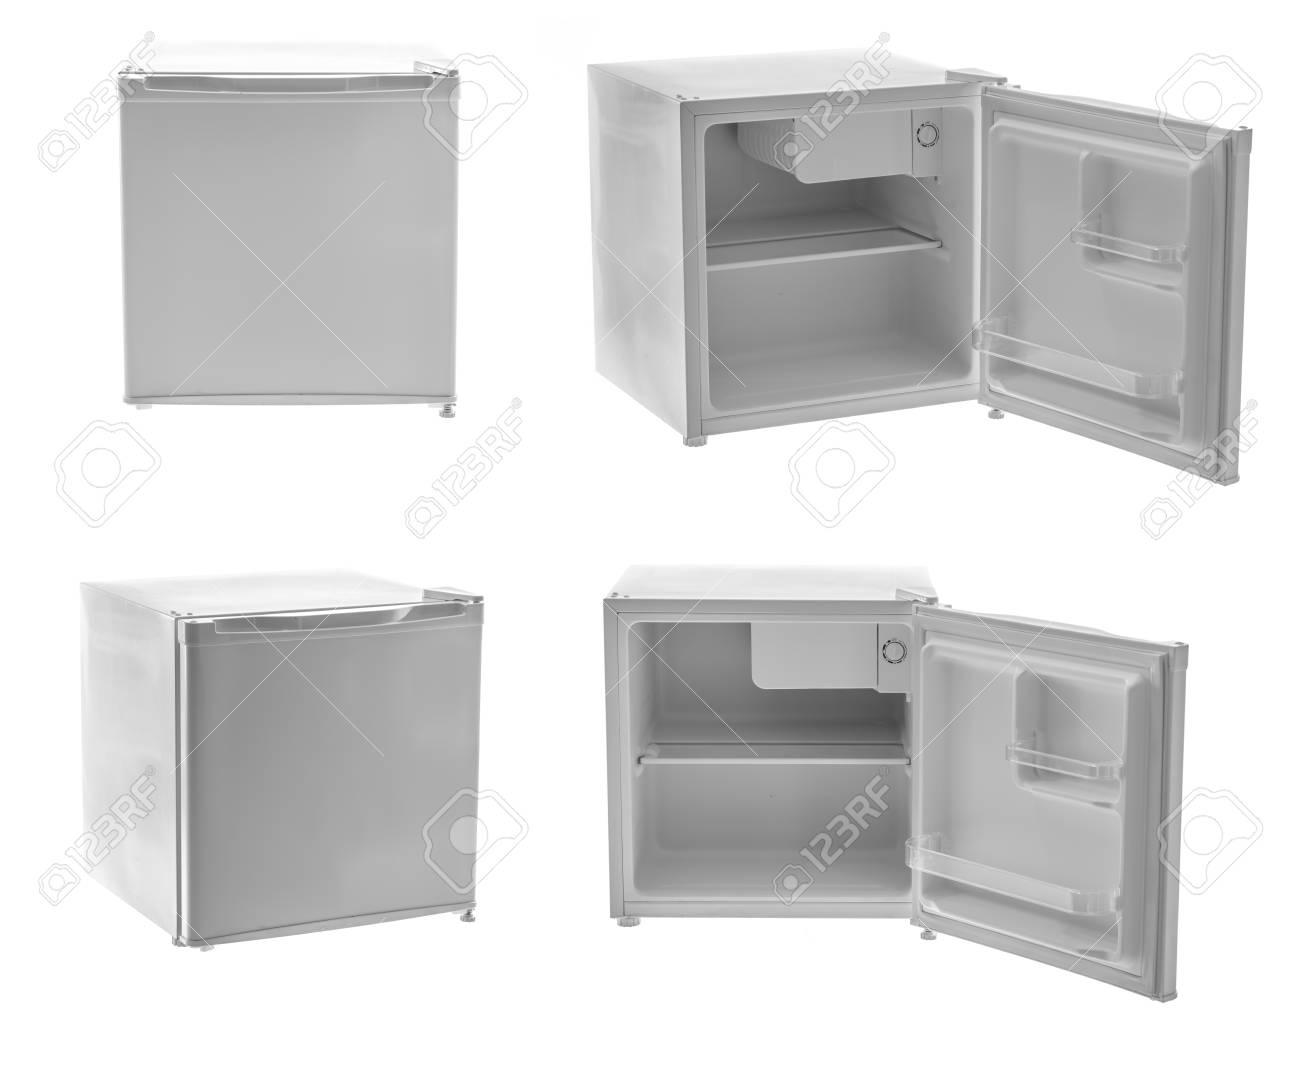 Designer Mini Kühlschrank : Leere mini kühlschrank auf weißem hintergrund lizenzfreie fotos